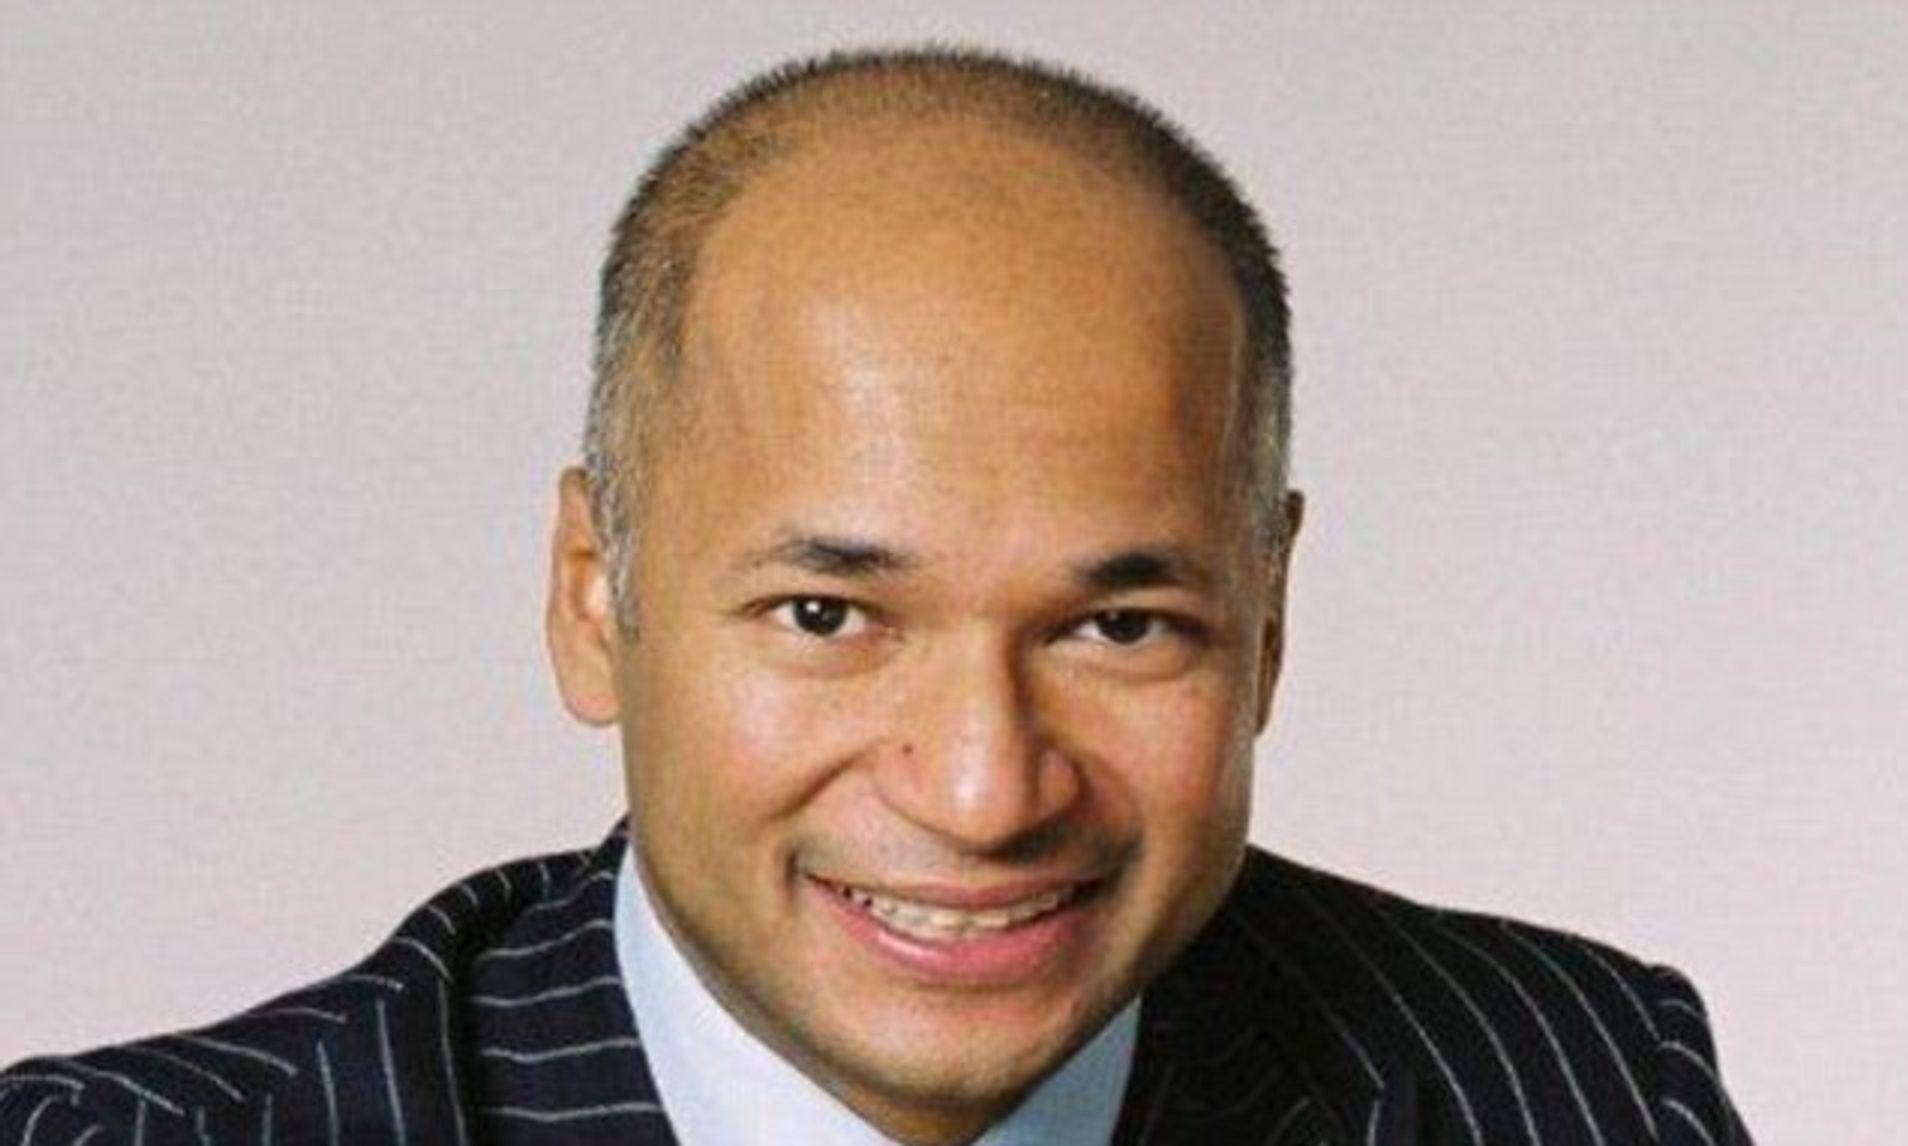 Moorad Choudhry